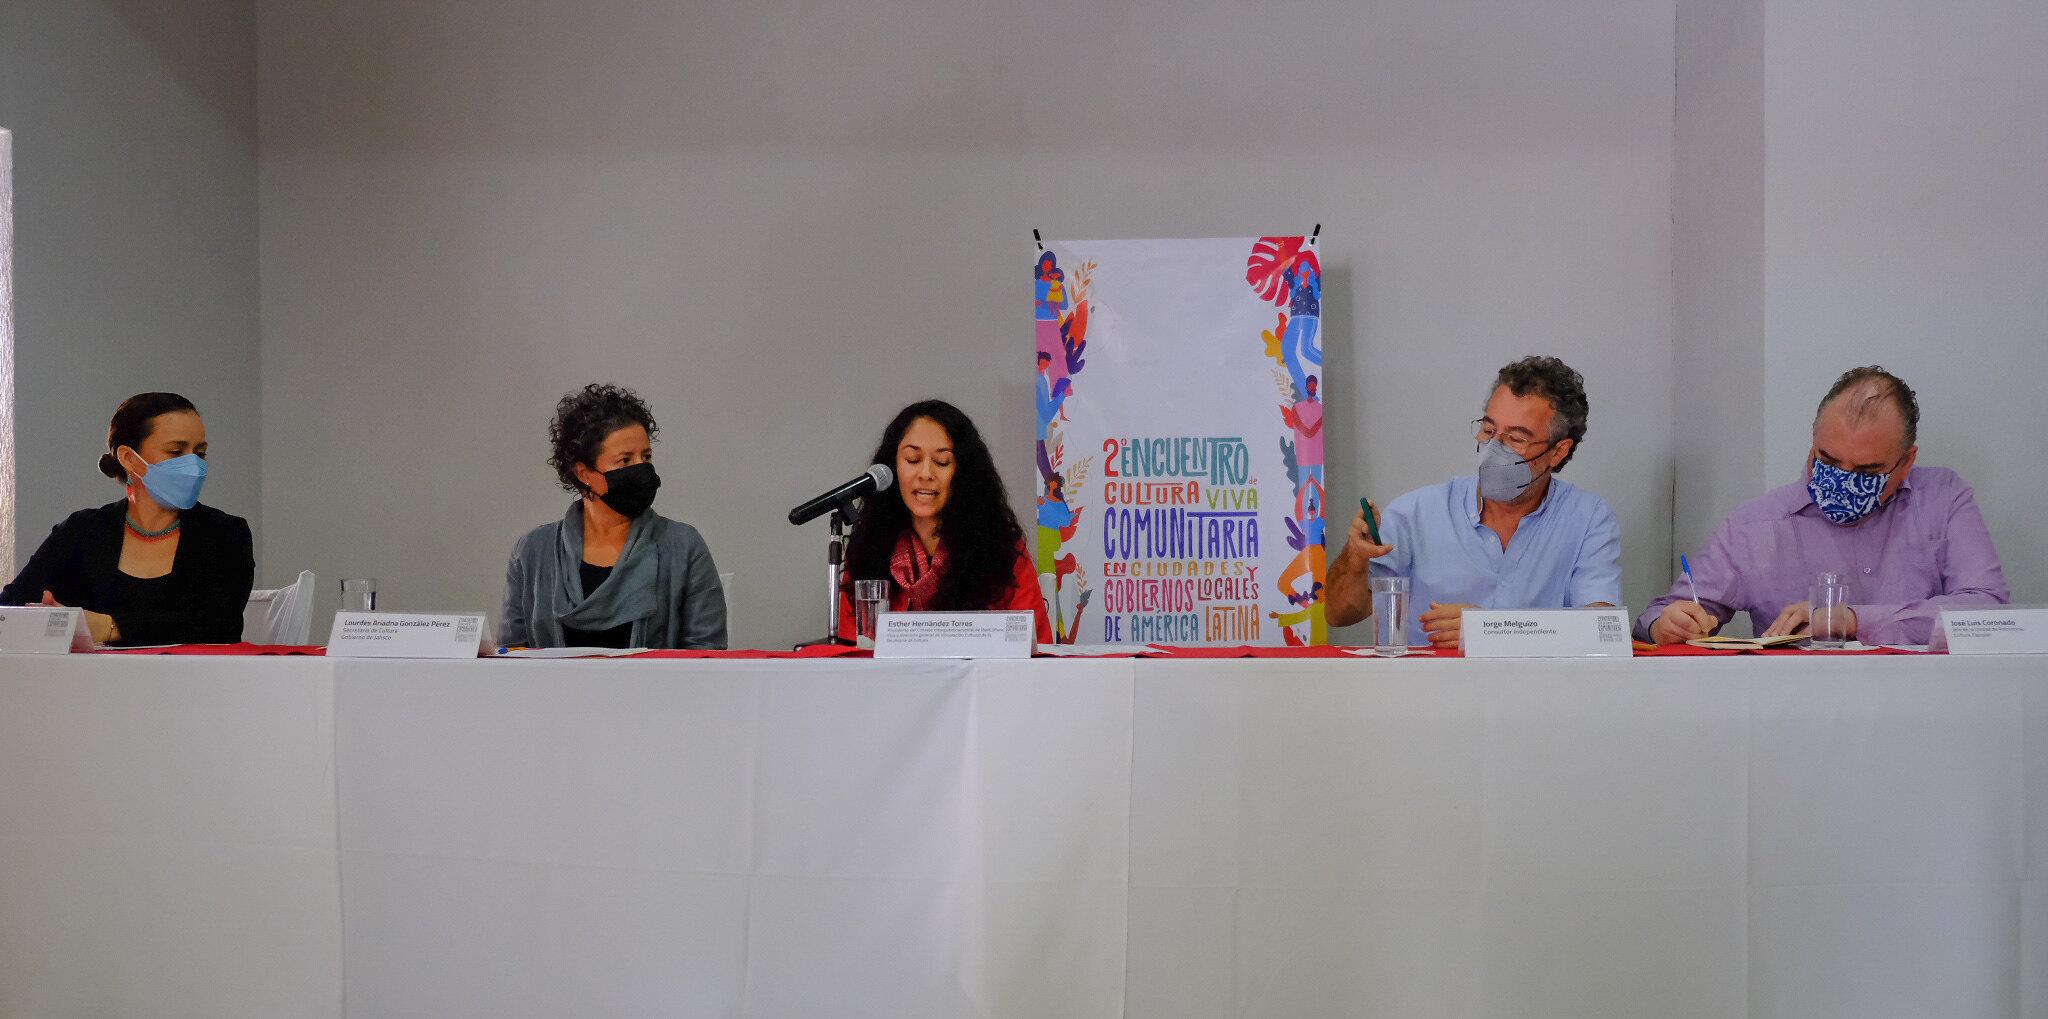 Anuncian el Segundo Encuentro de Cultura Viva en Ciudades y Gobiernos Locales de América Latina